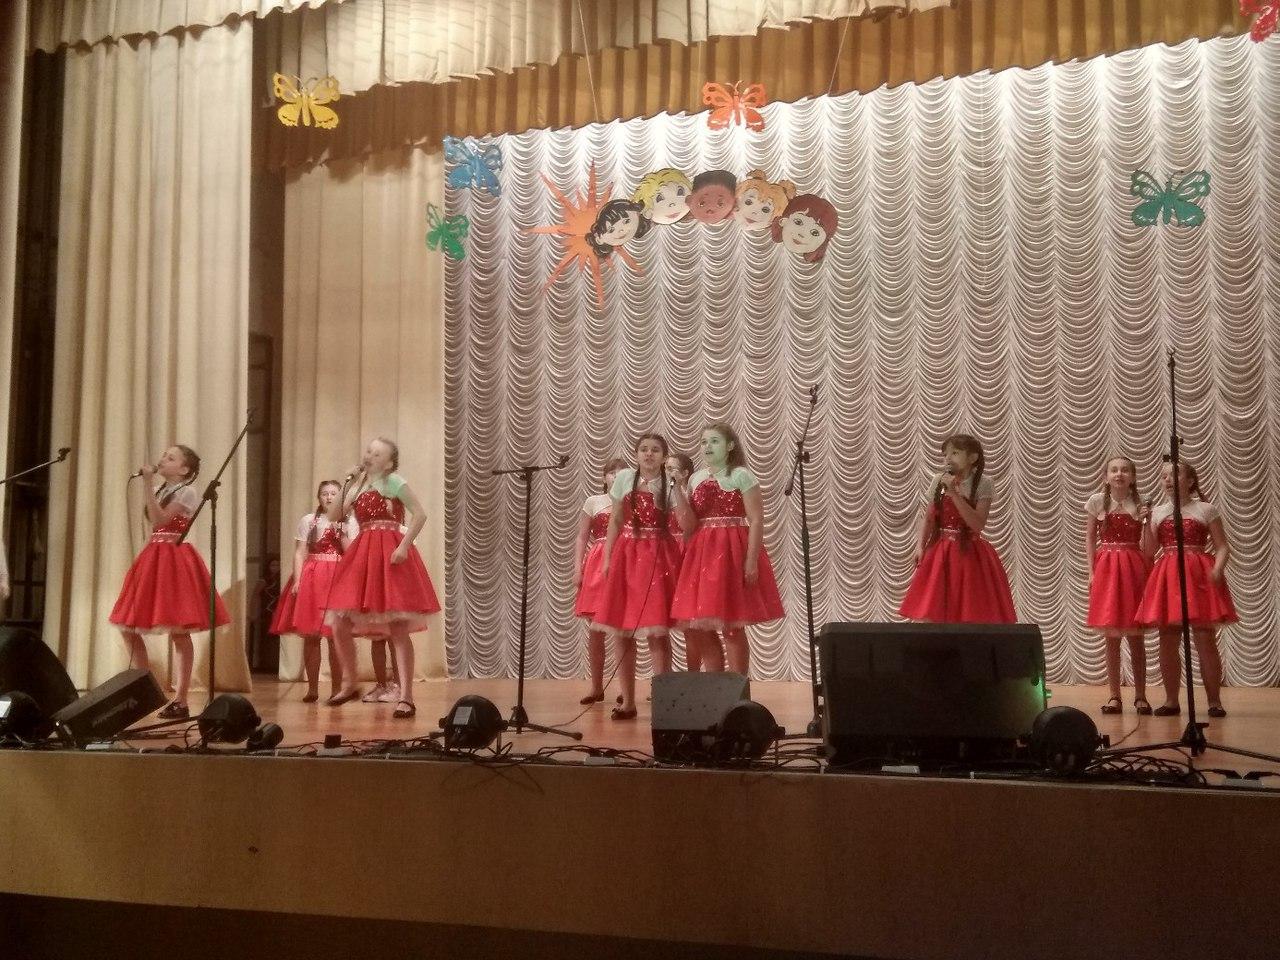 13 апреля 2018 года в ЦГДК им. Ленина состоялся II этап республиканского фестиваля художественной самодеятельности «Соцветие талантов».